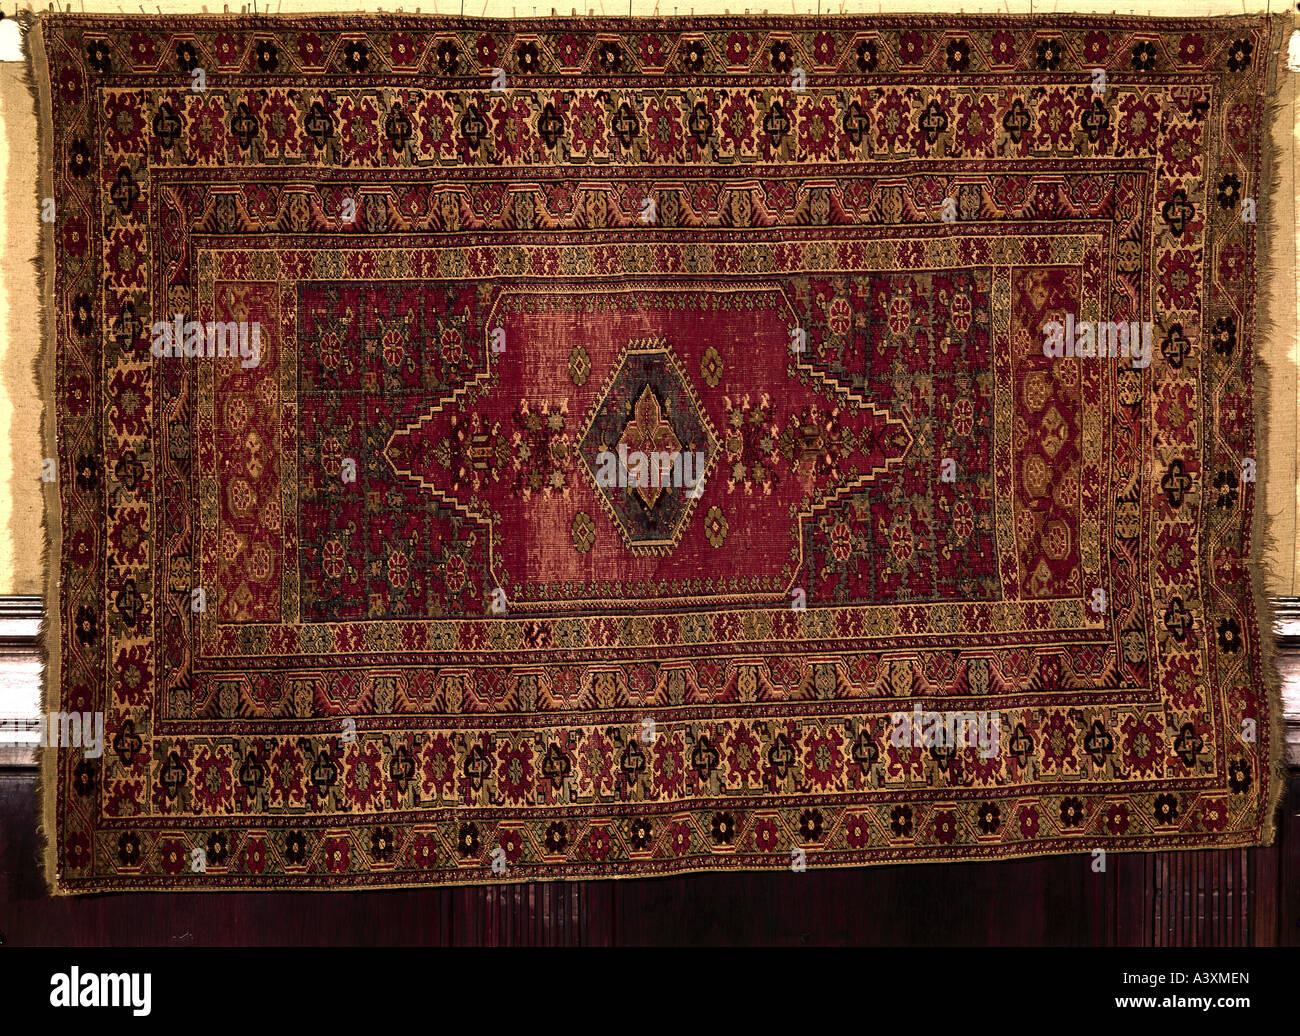 Bildende Kunst, islamische Kunst, Teppiche und Stoffe, Ghiordes Odschalik, Türkei, 18 Jahrhundert, historische, Stockbild